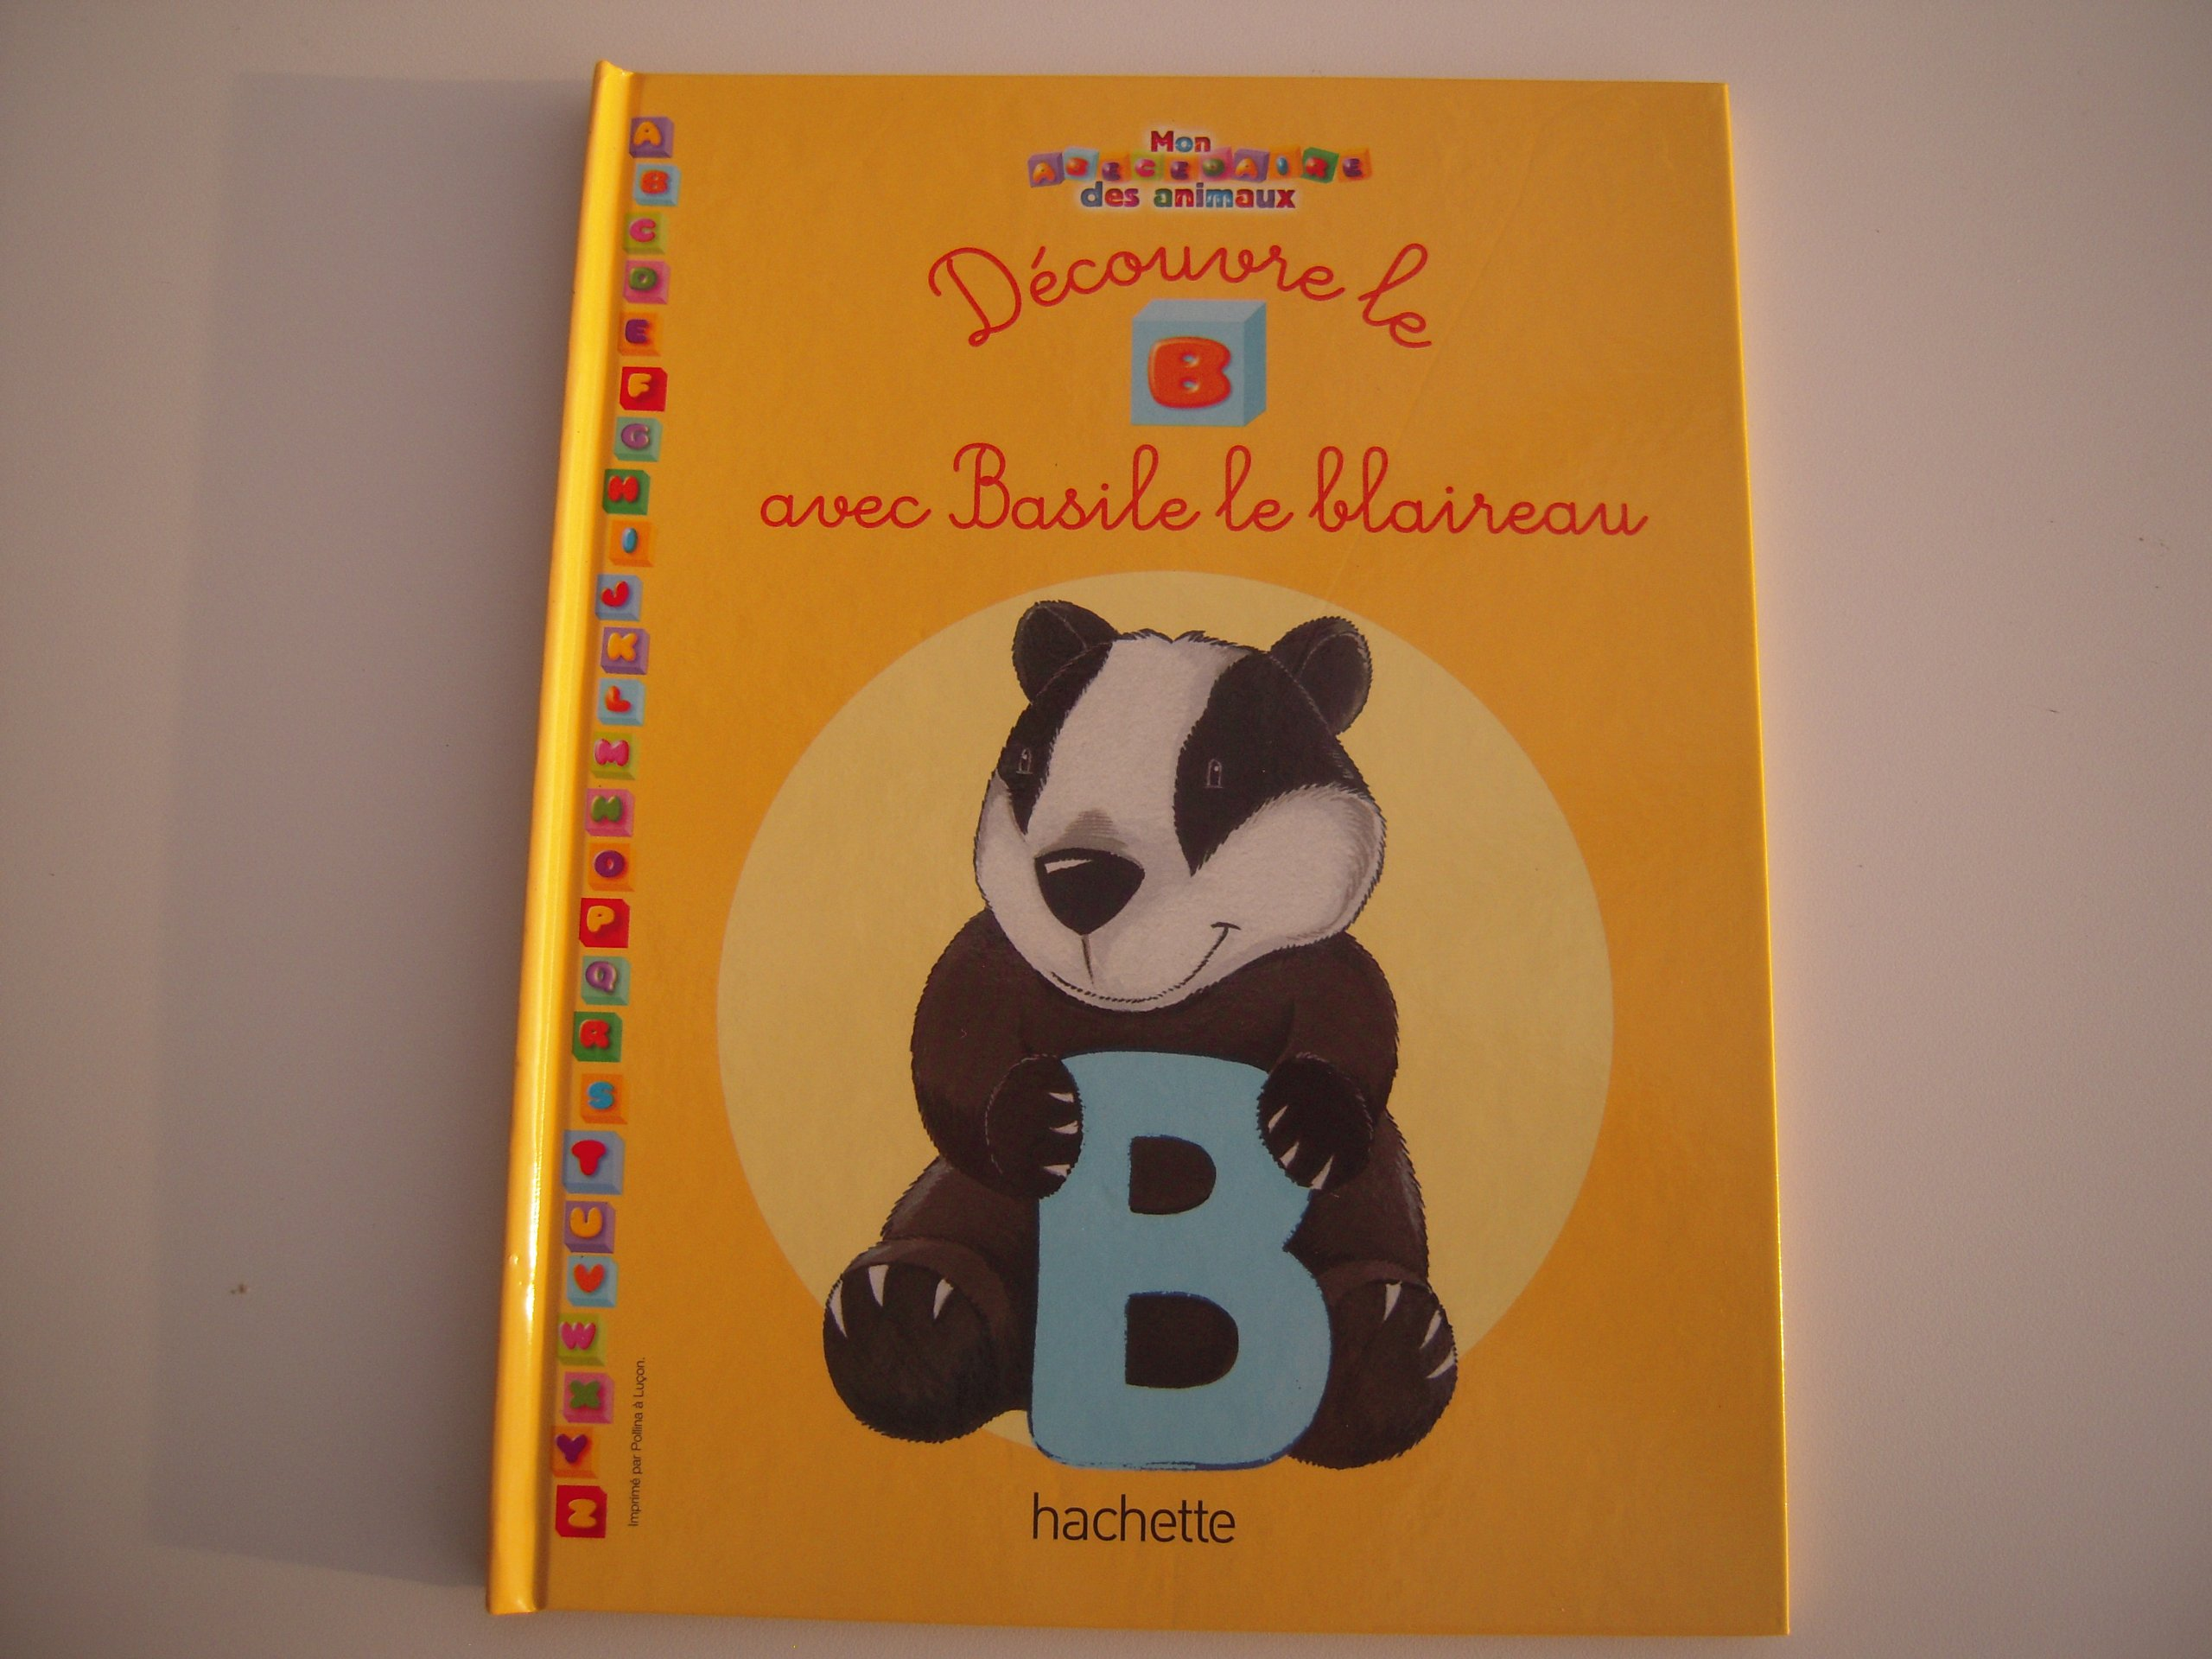 Amazon Fr Mon Abecedaire Des Animaux Decouvre Le B Avec Basile Le Blaireau Collectif Livres